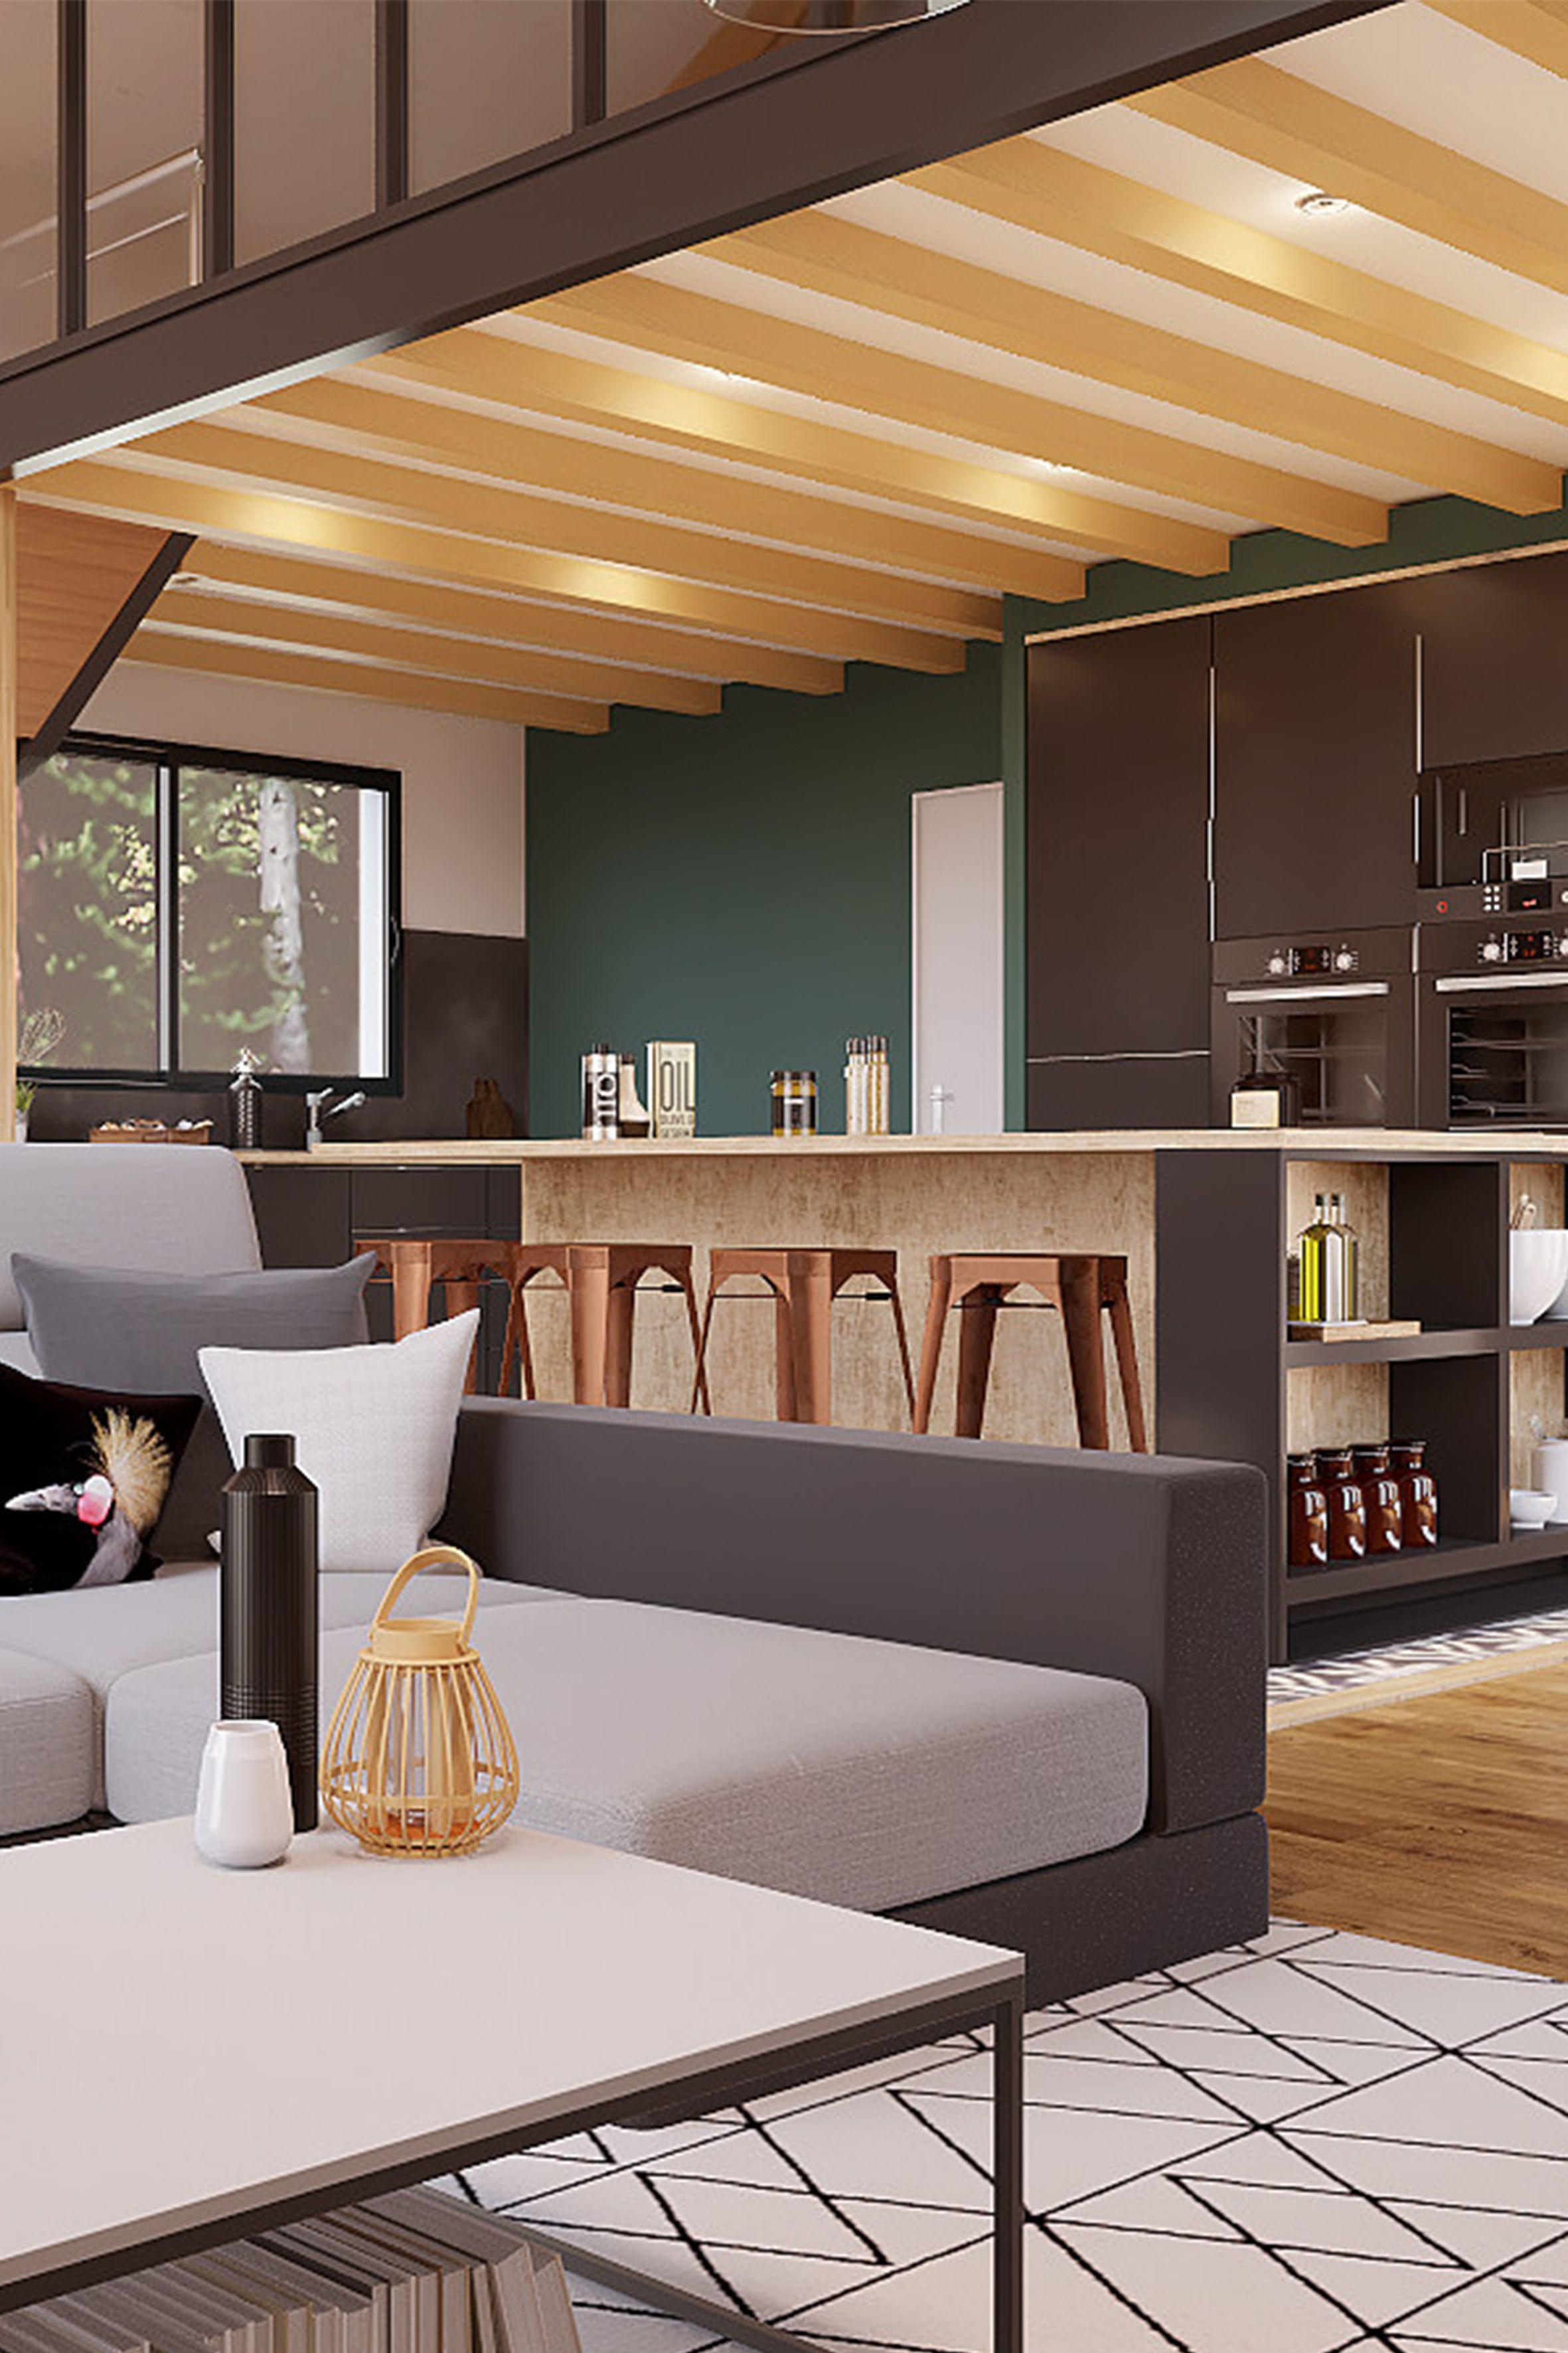 Salon Cuisine Style Industriel battle déco 12 : rénovation grande style industriel